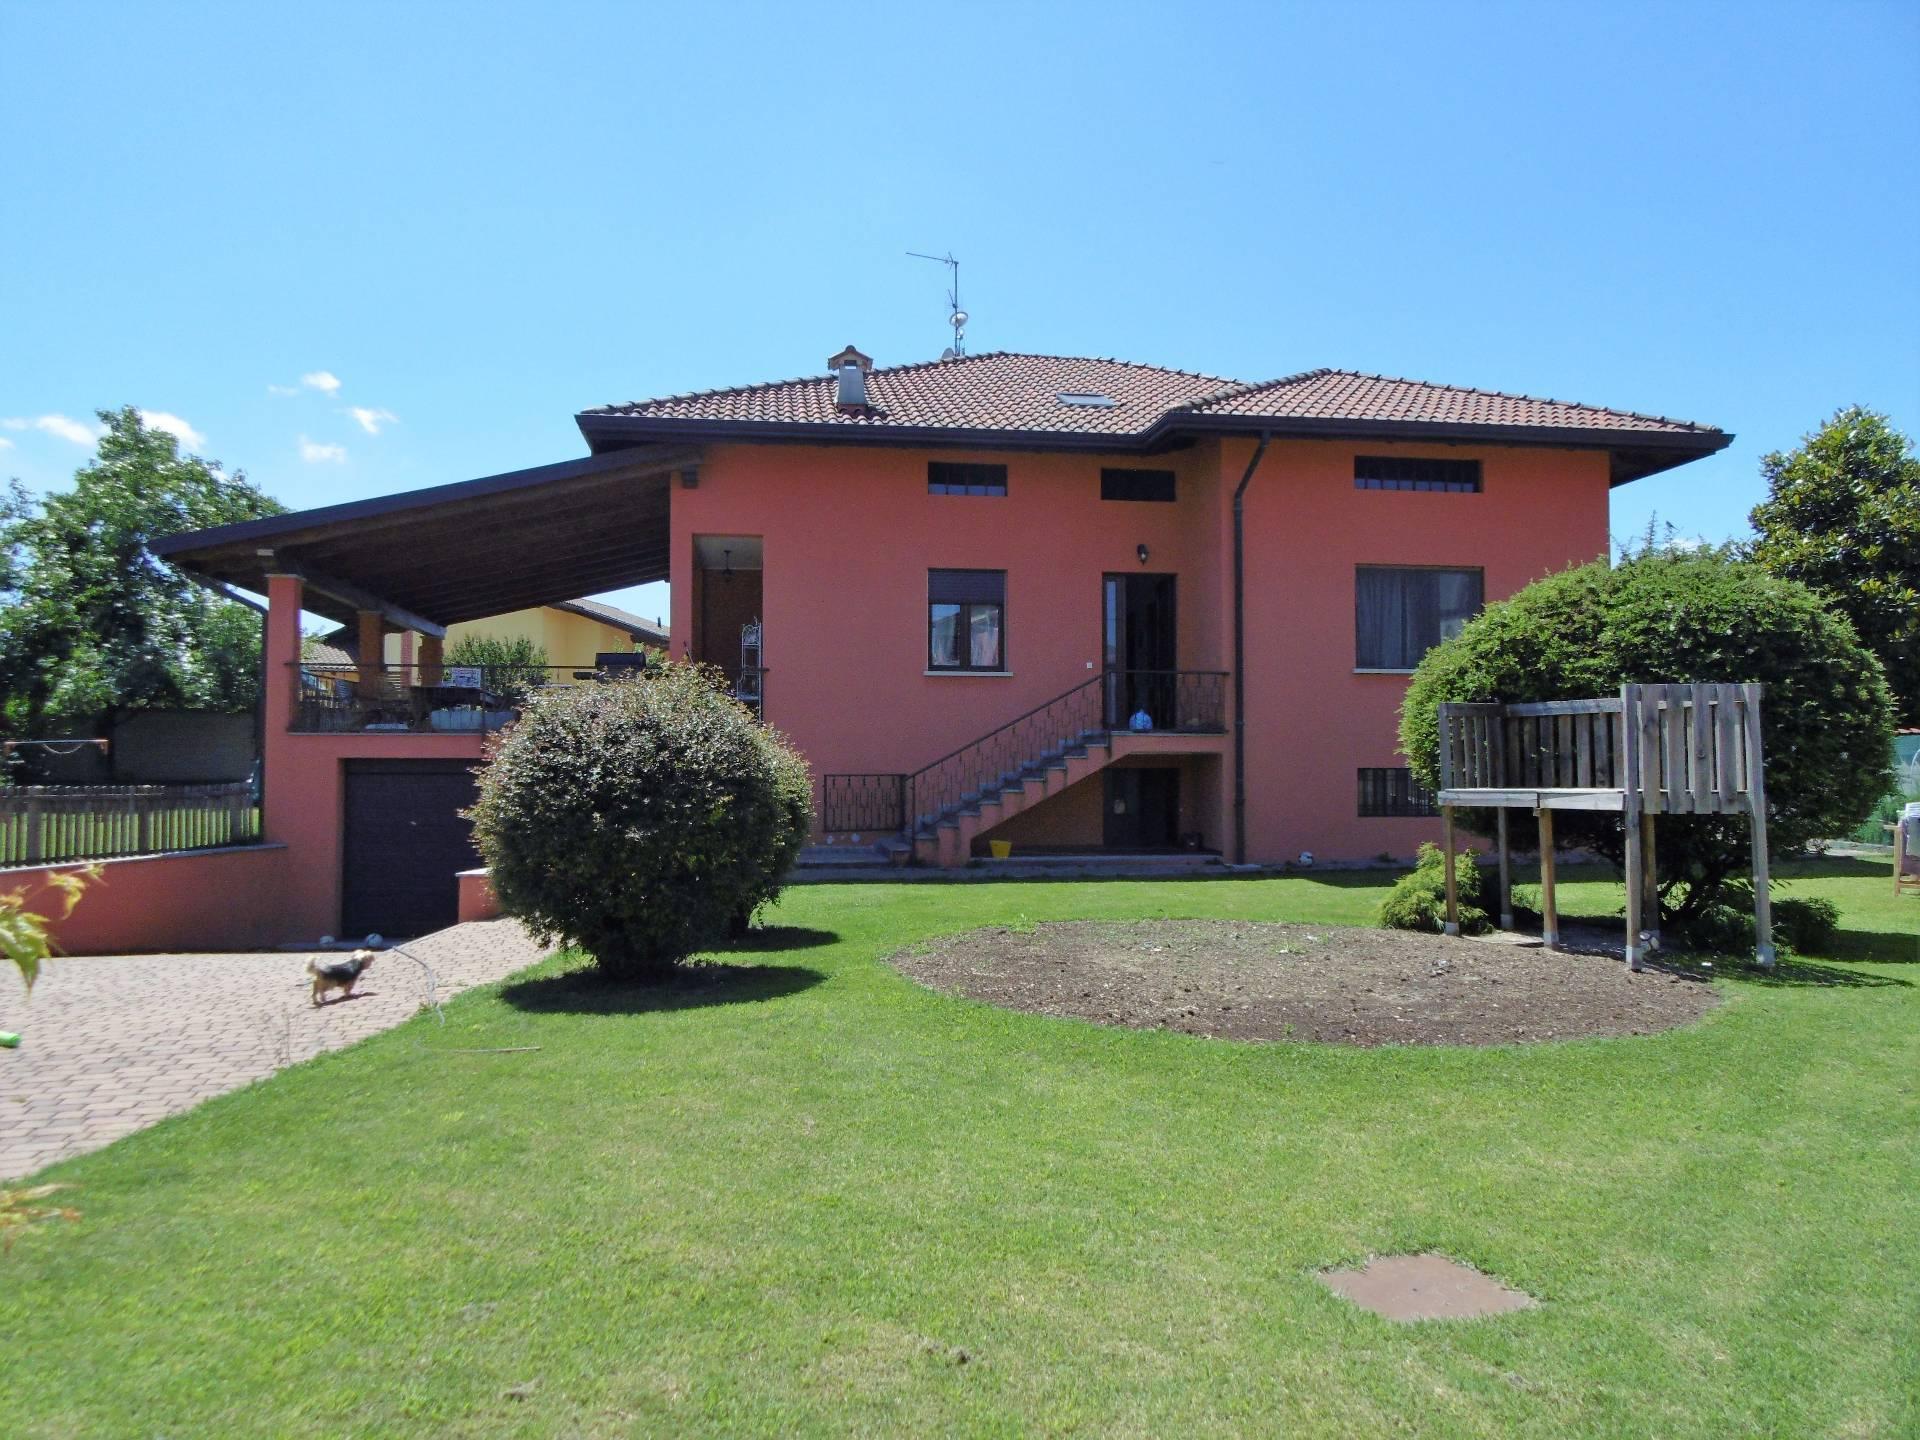 Villa in Vendita a Cerrione